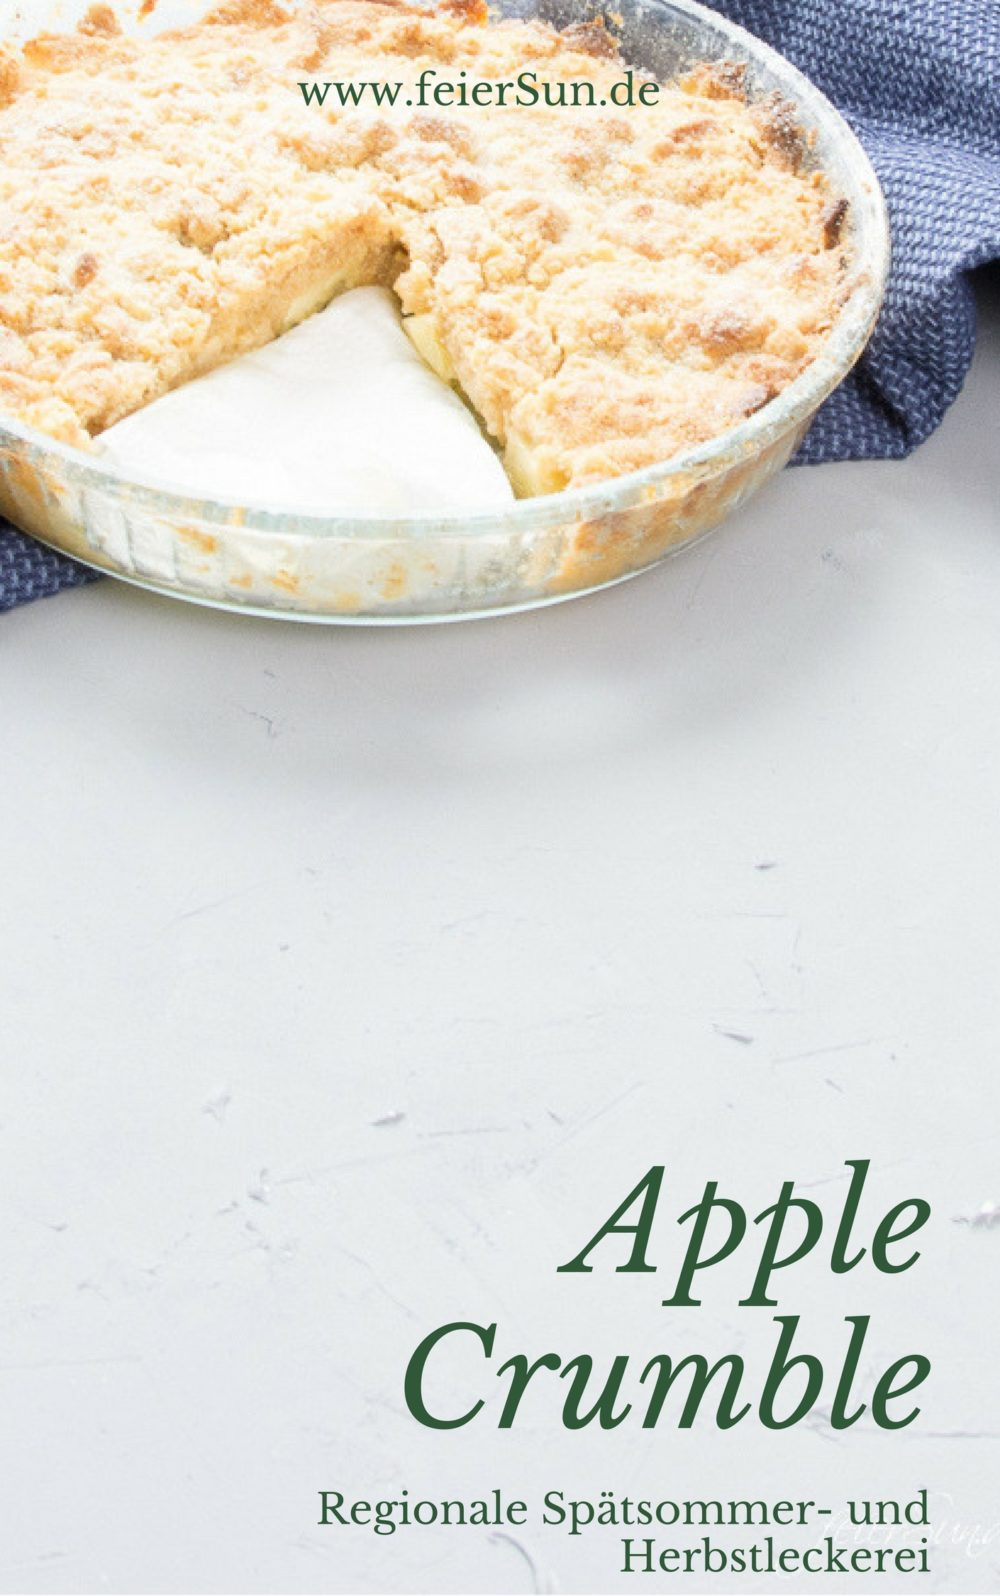 Auf feierSun.de gibt es heute (m)ein Rezept für warmen ApPLe CRuMbLE. Perfekt zwischen Spätsommer & Herbst. #AppleCrumble #regional #Ernte